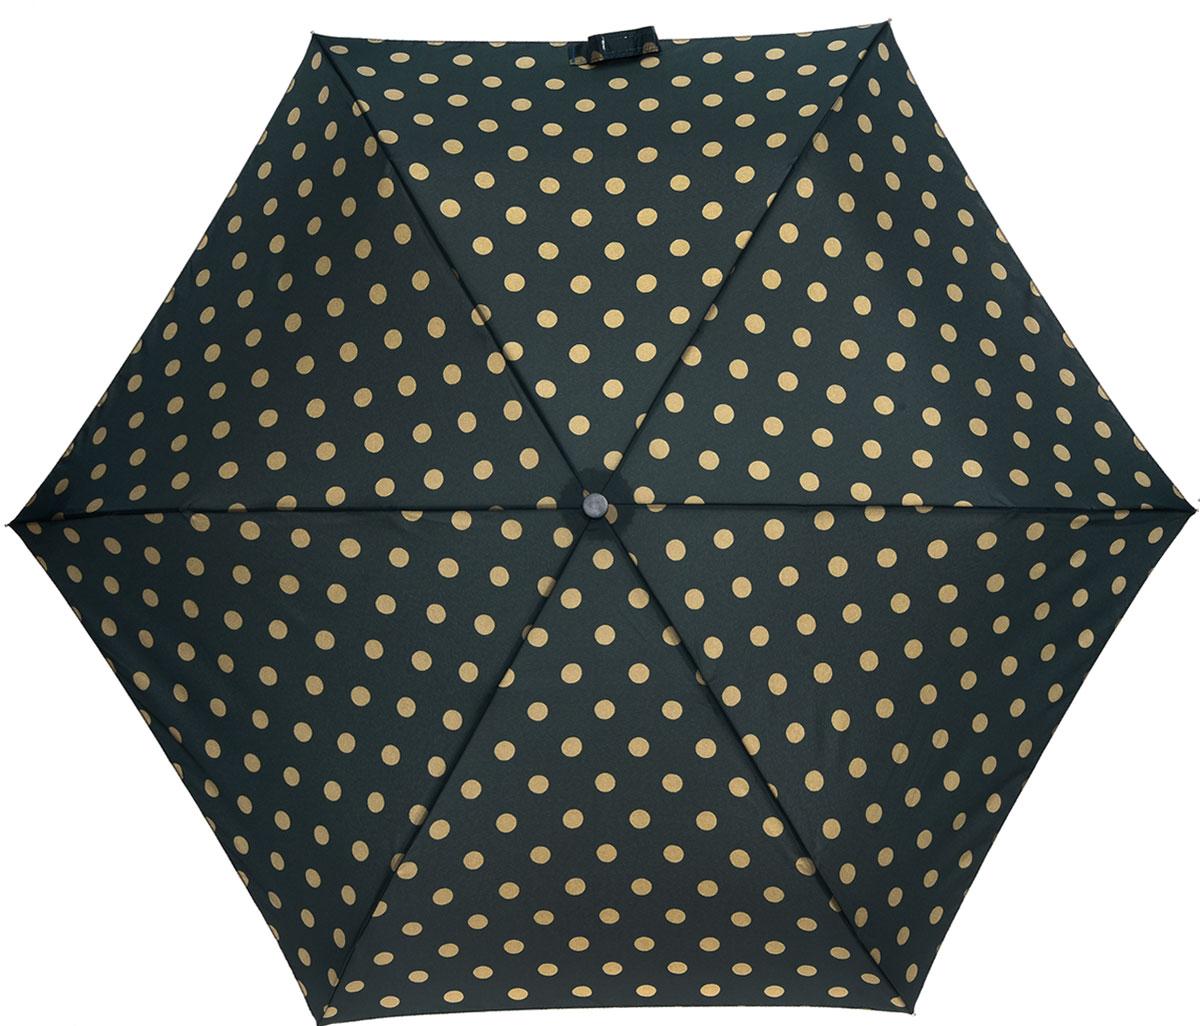 Зонт женский Cath Kidston Minilite, механический, 3 сложения, цвет: темно-зеленый, бежевый. L768-2850K50K503414_0010Стильный механический зонт Cath Kidston Minilite в 3 сложения даже в ненастную погоду позволит вам оставаться элегантной. Облегченный каркас зонта выполнен из 8 спиц из фибергласса и алюминия, стержень также изготовлен из алюминия, удобная рукоятка - из пластика. Купол зонта выполнен из прочного полиэстера. В закрытом виде застегивается хлястиком на липучке. Яркий оригинальный принт в горох поднимет настроение в дождливый день.Зонт механического сложения: купол открывается и закрывается вручную до характерного щелчка.На рукоятке для удобства есть небольшой шнурок, позволяющий надеть зонт на руку тогда, когда это будет необходимо. К зонту прилагается чехол с небольшой нашивкой с названием бренда. Такой зонт компактно располагается в кармане, сумочке, дверке автомобиля.